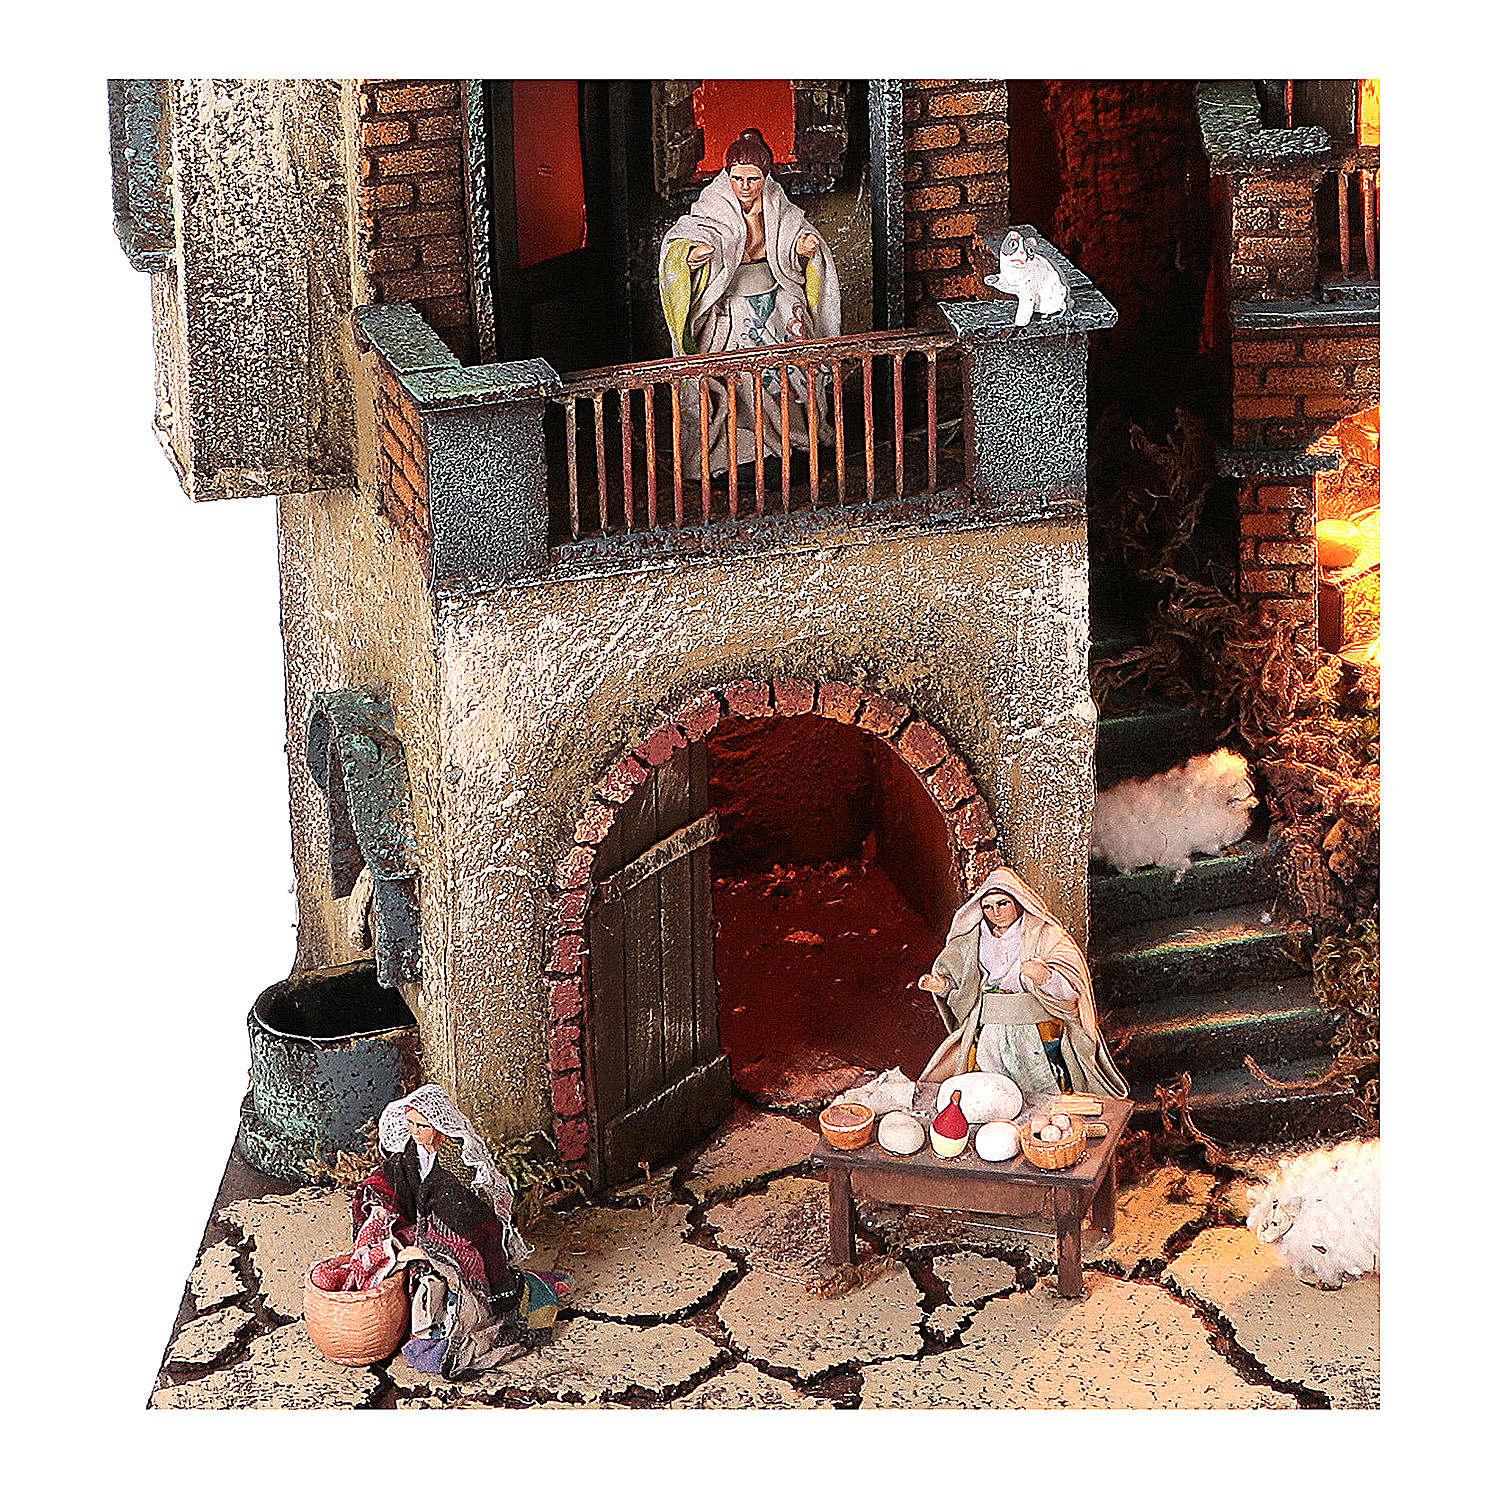 Borgo presepe modulare completo 55x245x40 per statuine di 8 cm 4